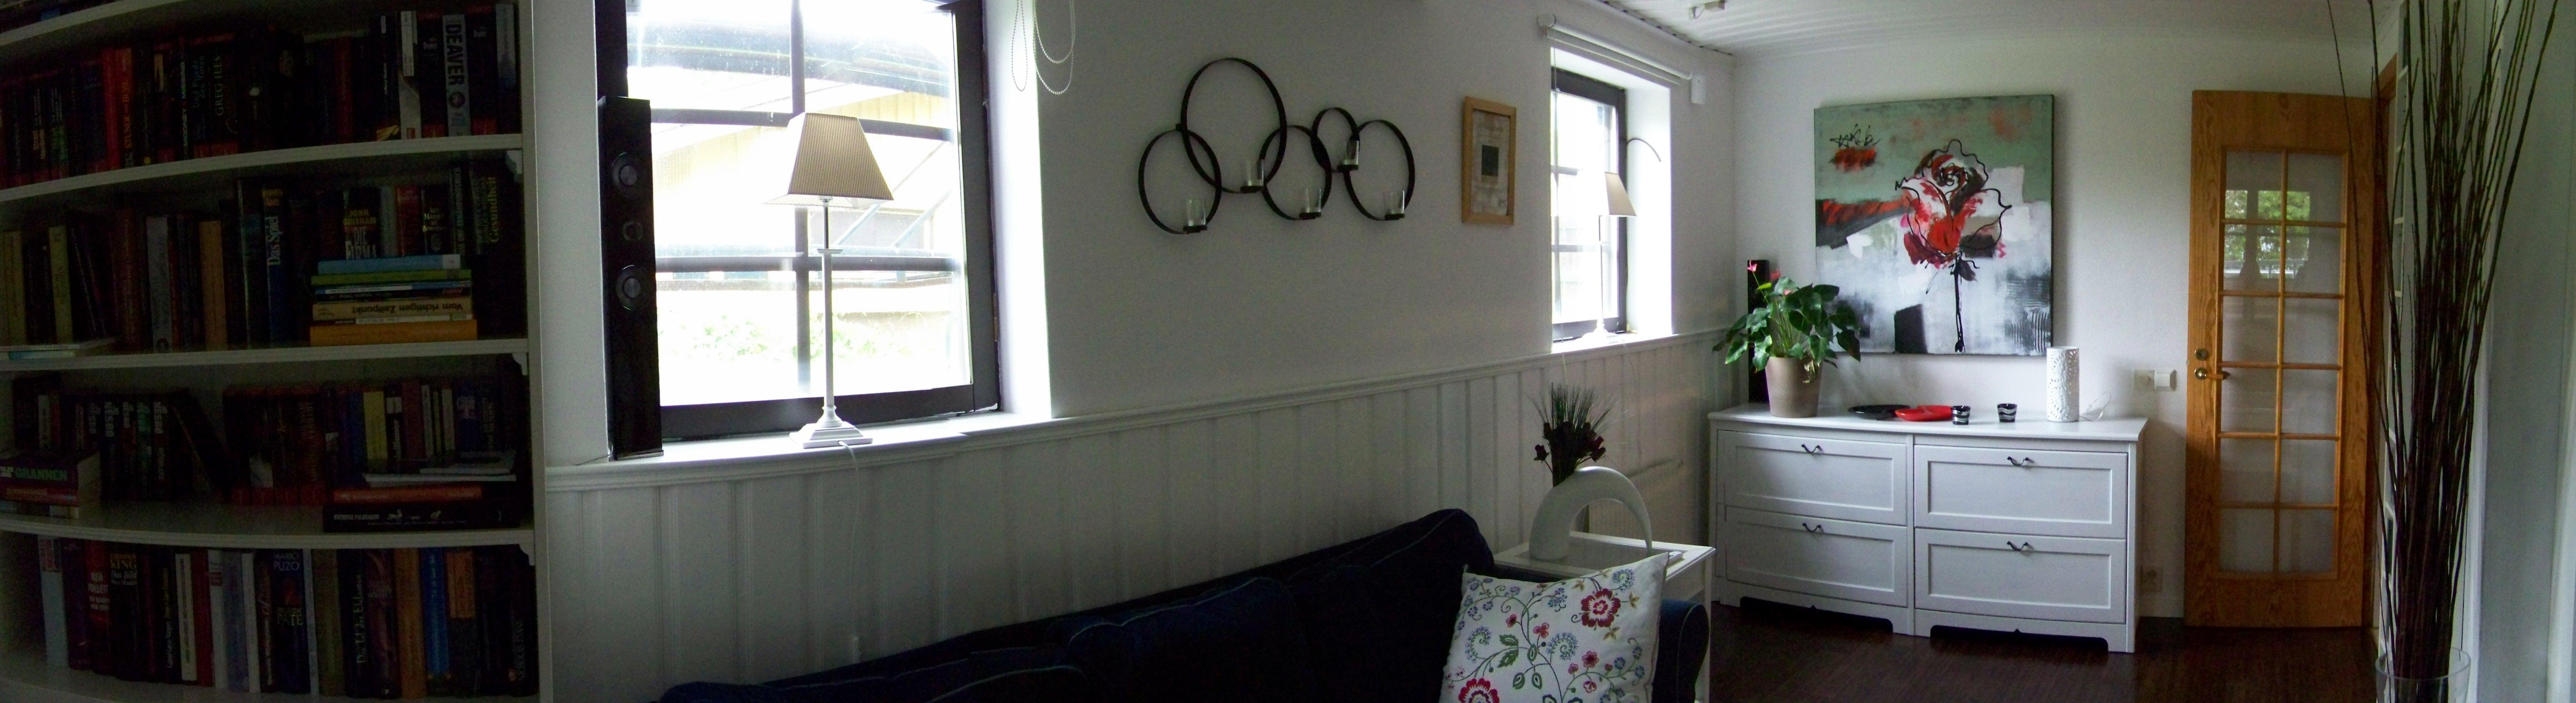 Wohnzimmer unser leben in schweden for Panoramabilder wohnzimmer